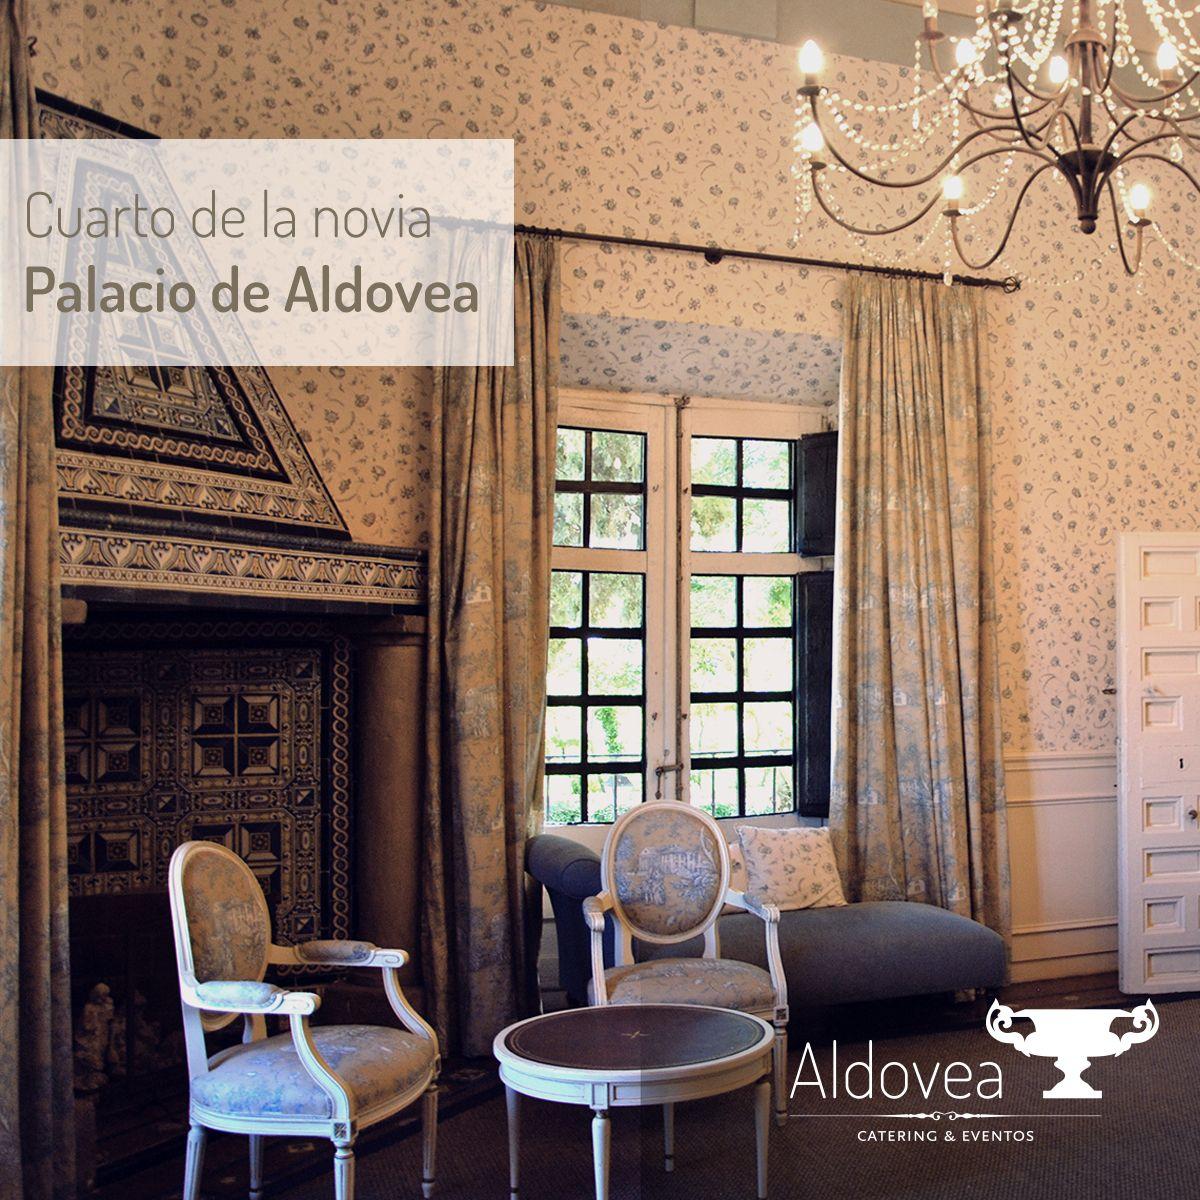 En PALACIO DE ALDOVEA contamos con el Cuarto de la Novia, un lugar muy especial para terminar tus preparativos y arreglarte para el gran día. ¡Te sentirás como en casa! ;) #noviasfelices #diaB http://www.aldoveacatering.com/palaciodealdovea.html